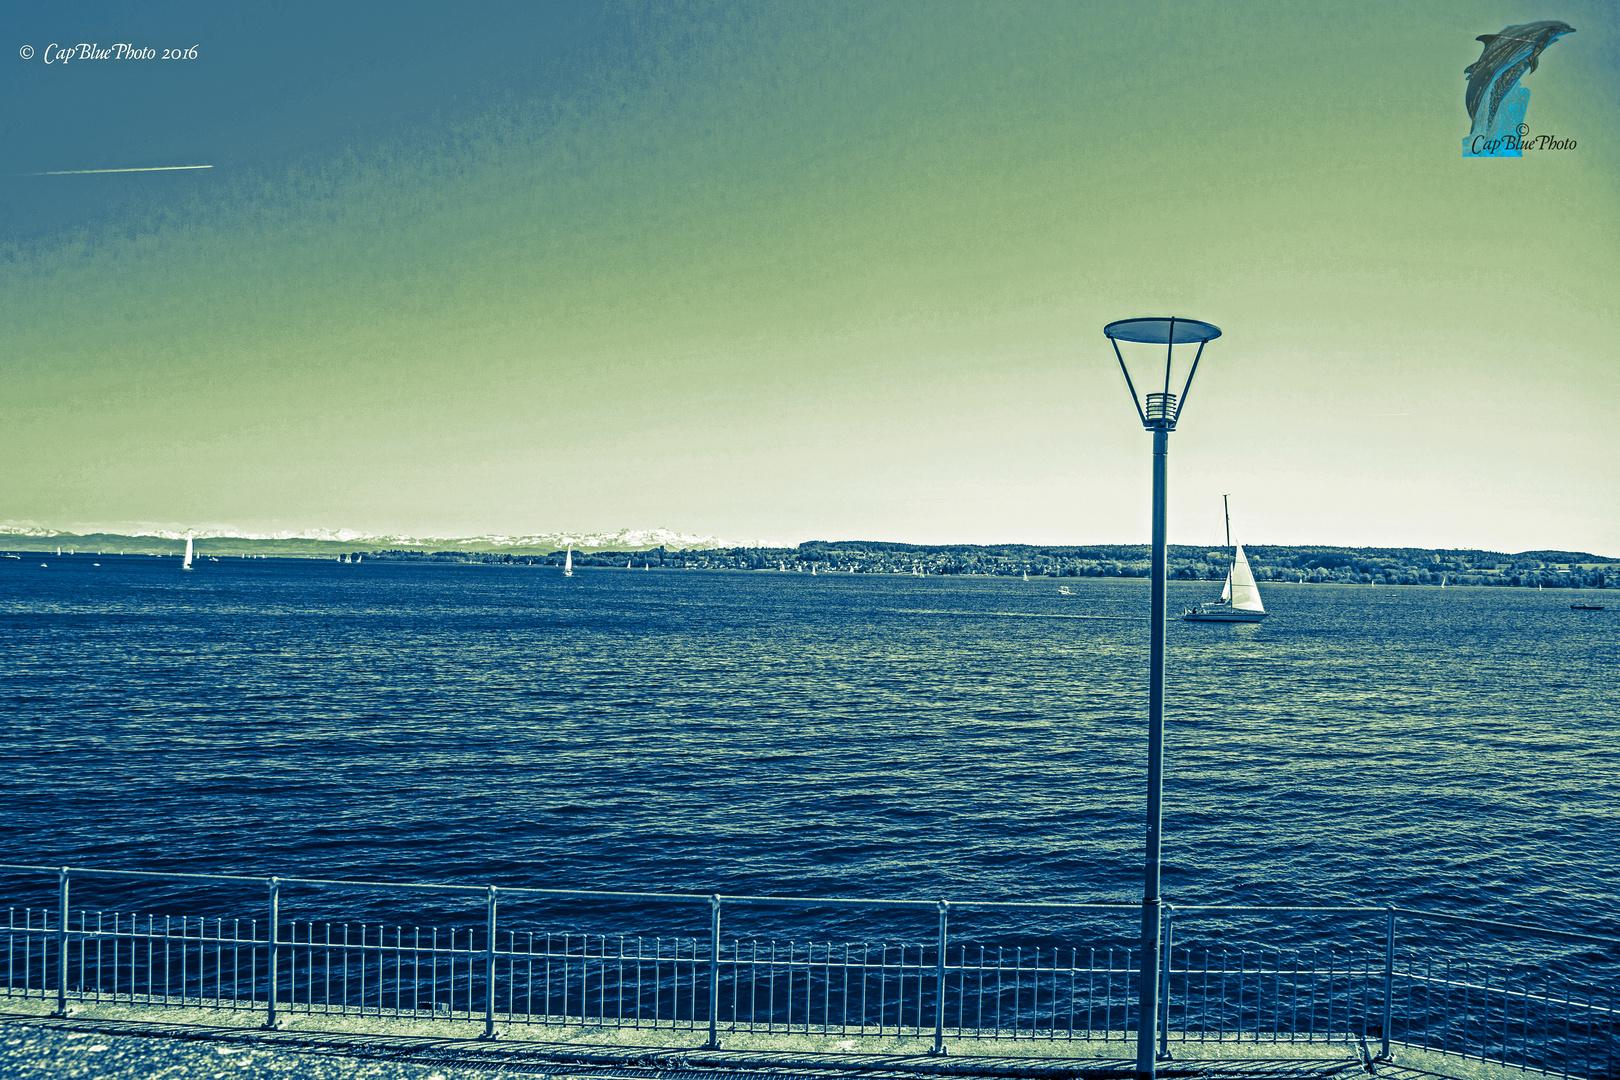 Schwäbisches Meer am Überlinger Ufer